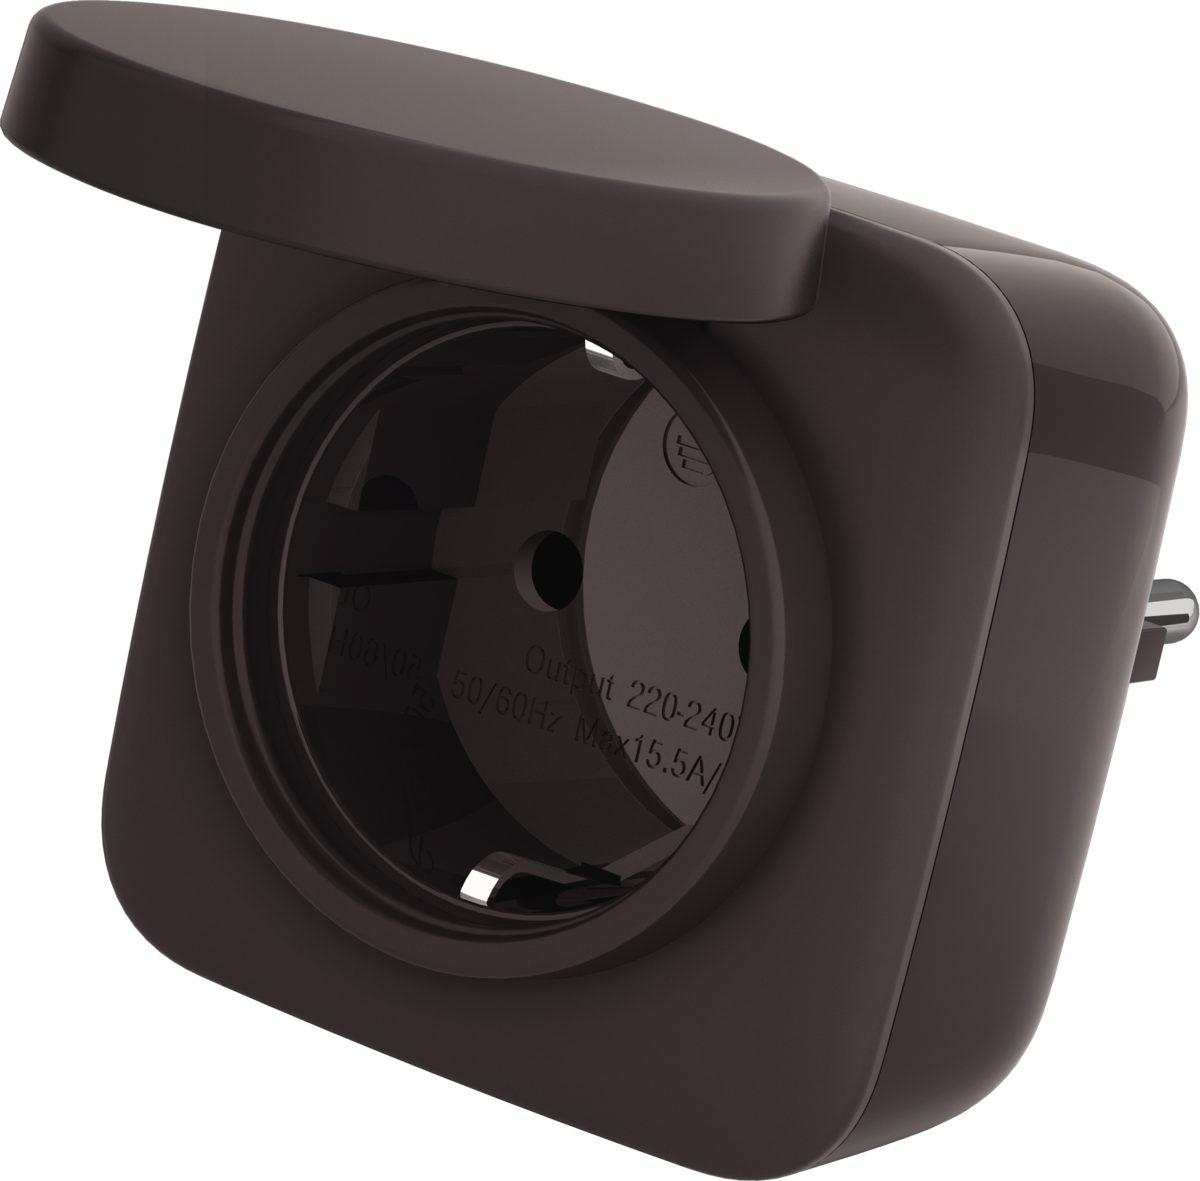 Telekom Smart Home Zubehör »Zwischenstecker außen«